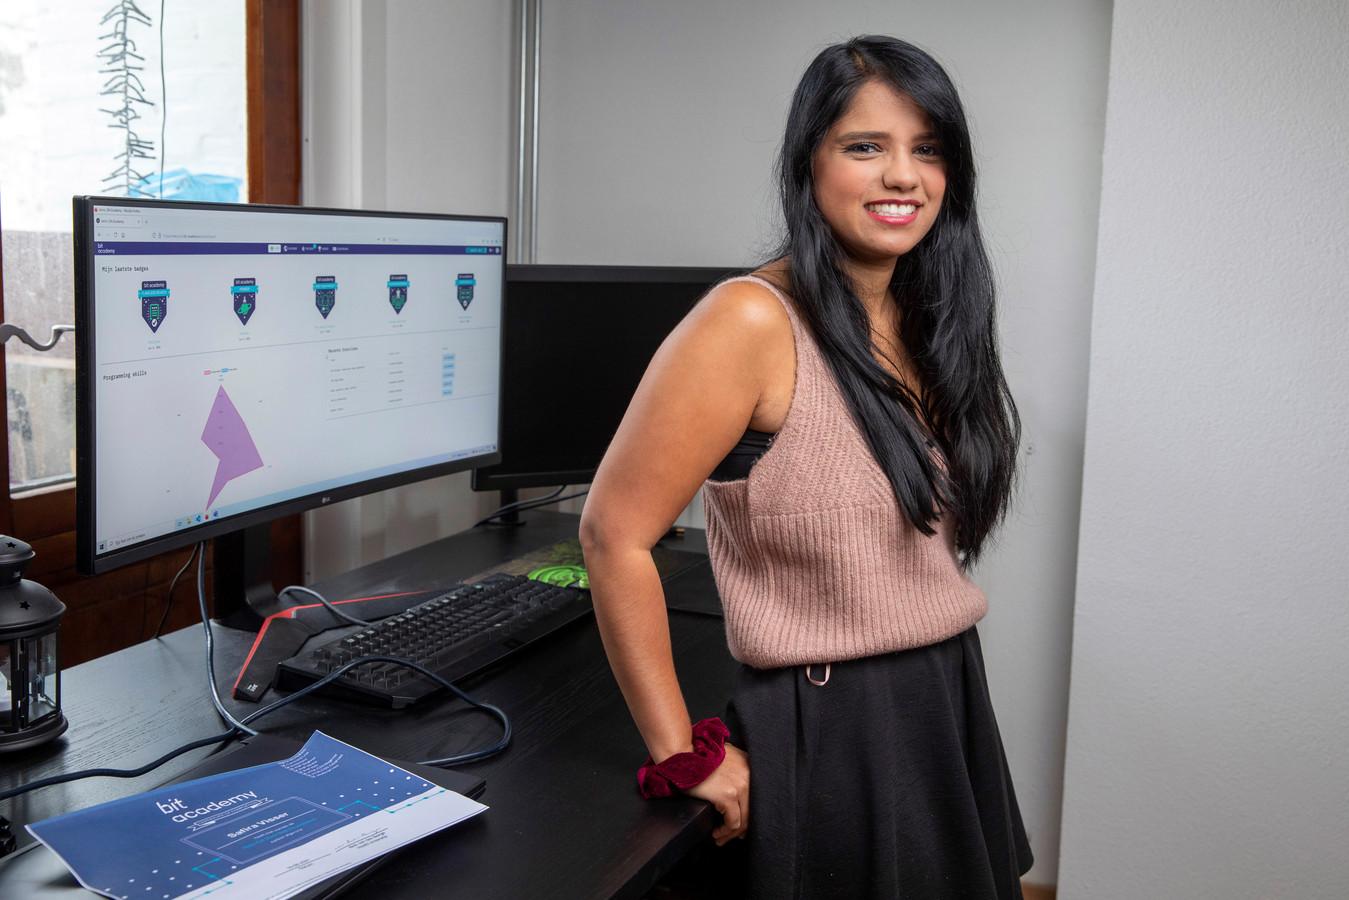 Safira Visser rondde in tien weken een versnelde opleiding tot fullstack developer af aan de Bit Academy.